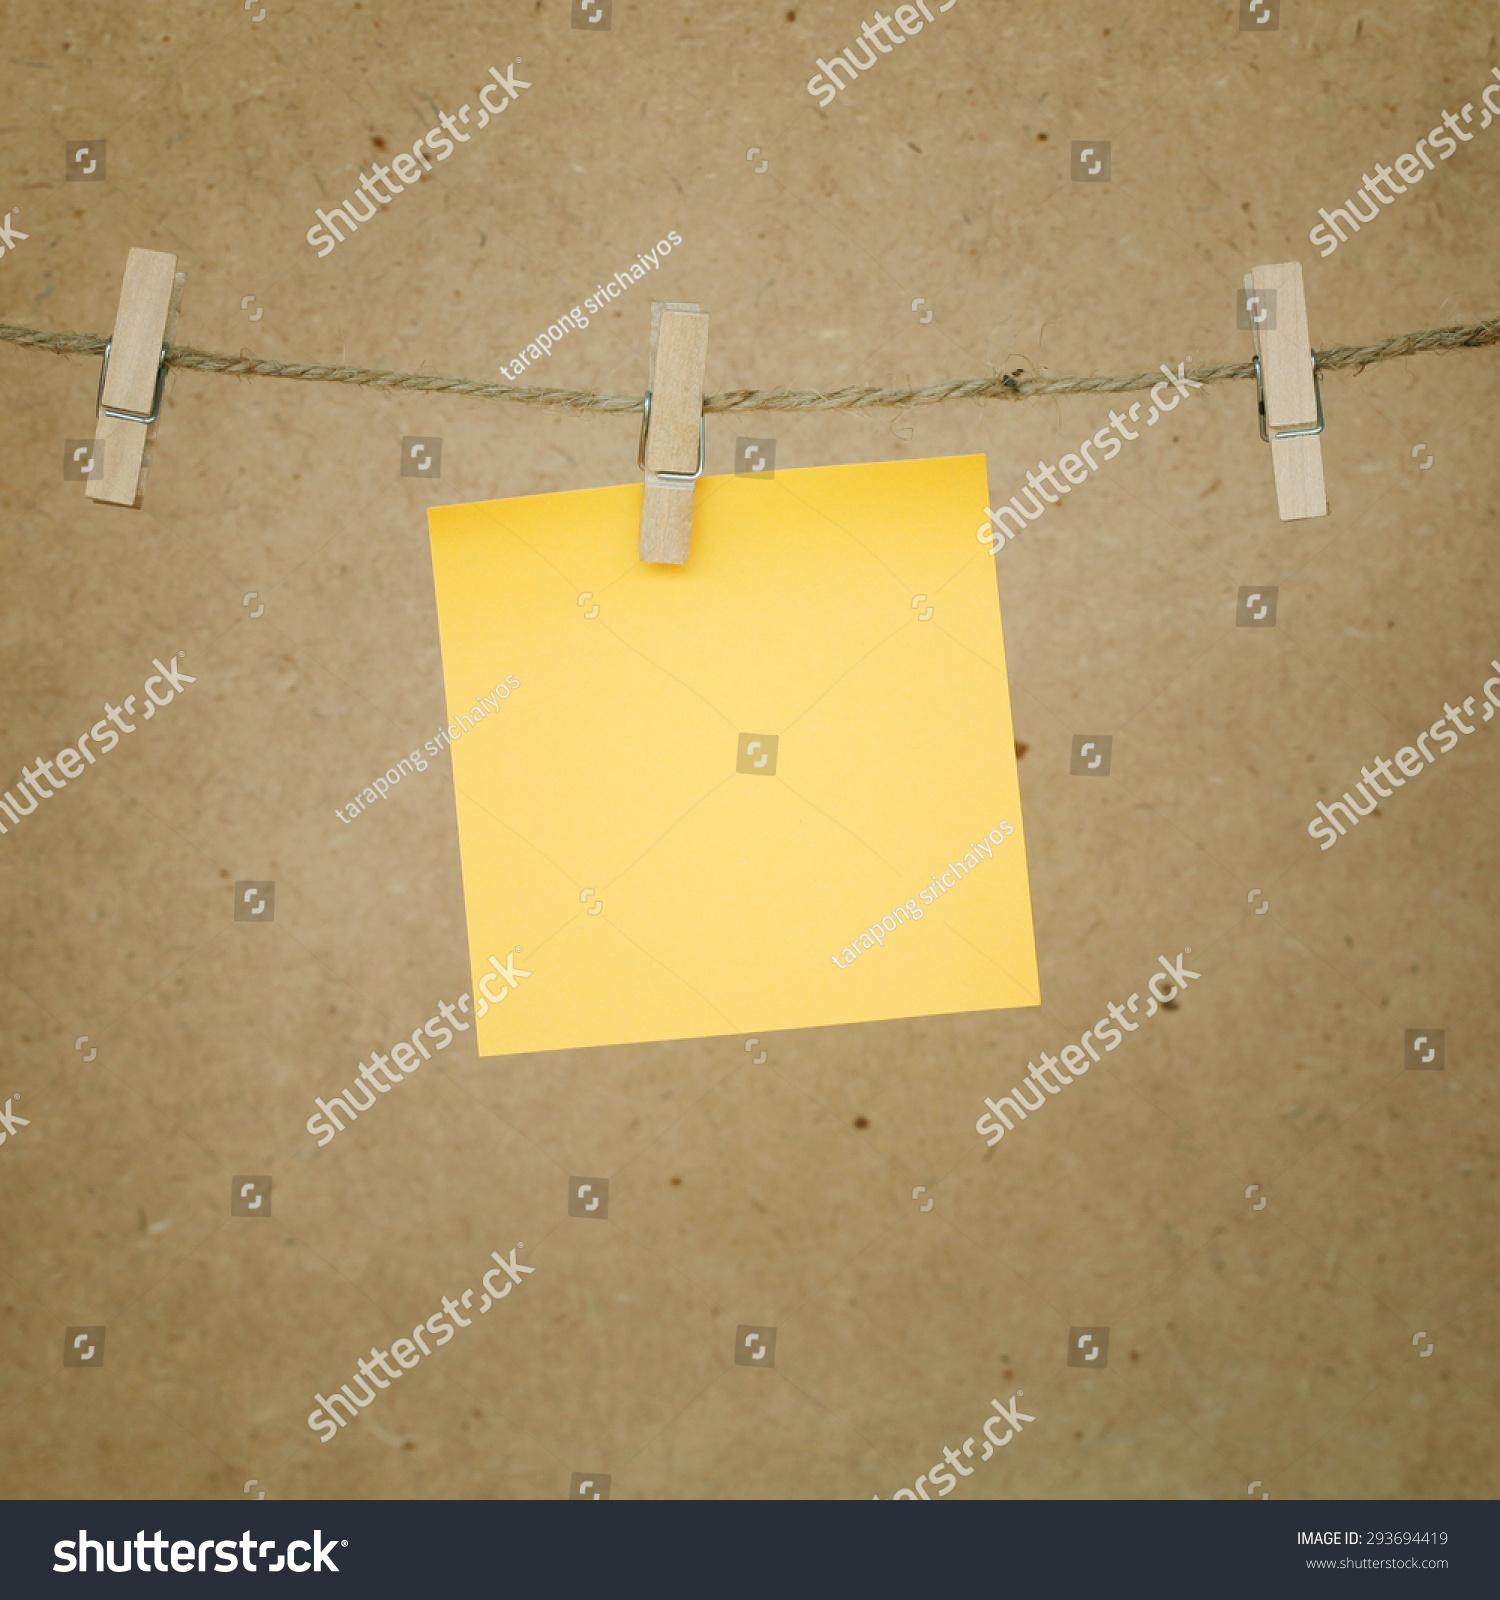 便利贴木纸夹在绳子.-背景/素材,物体-海洛创意()-合.